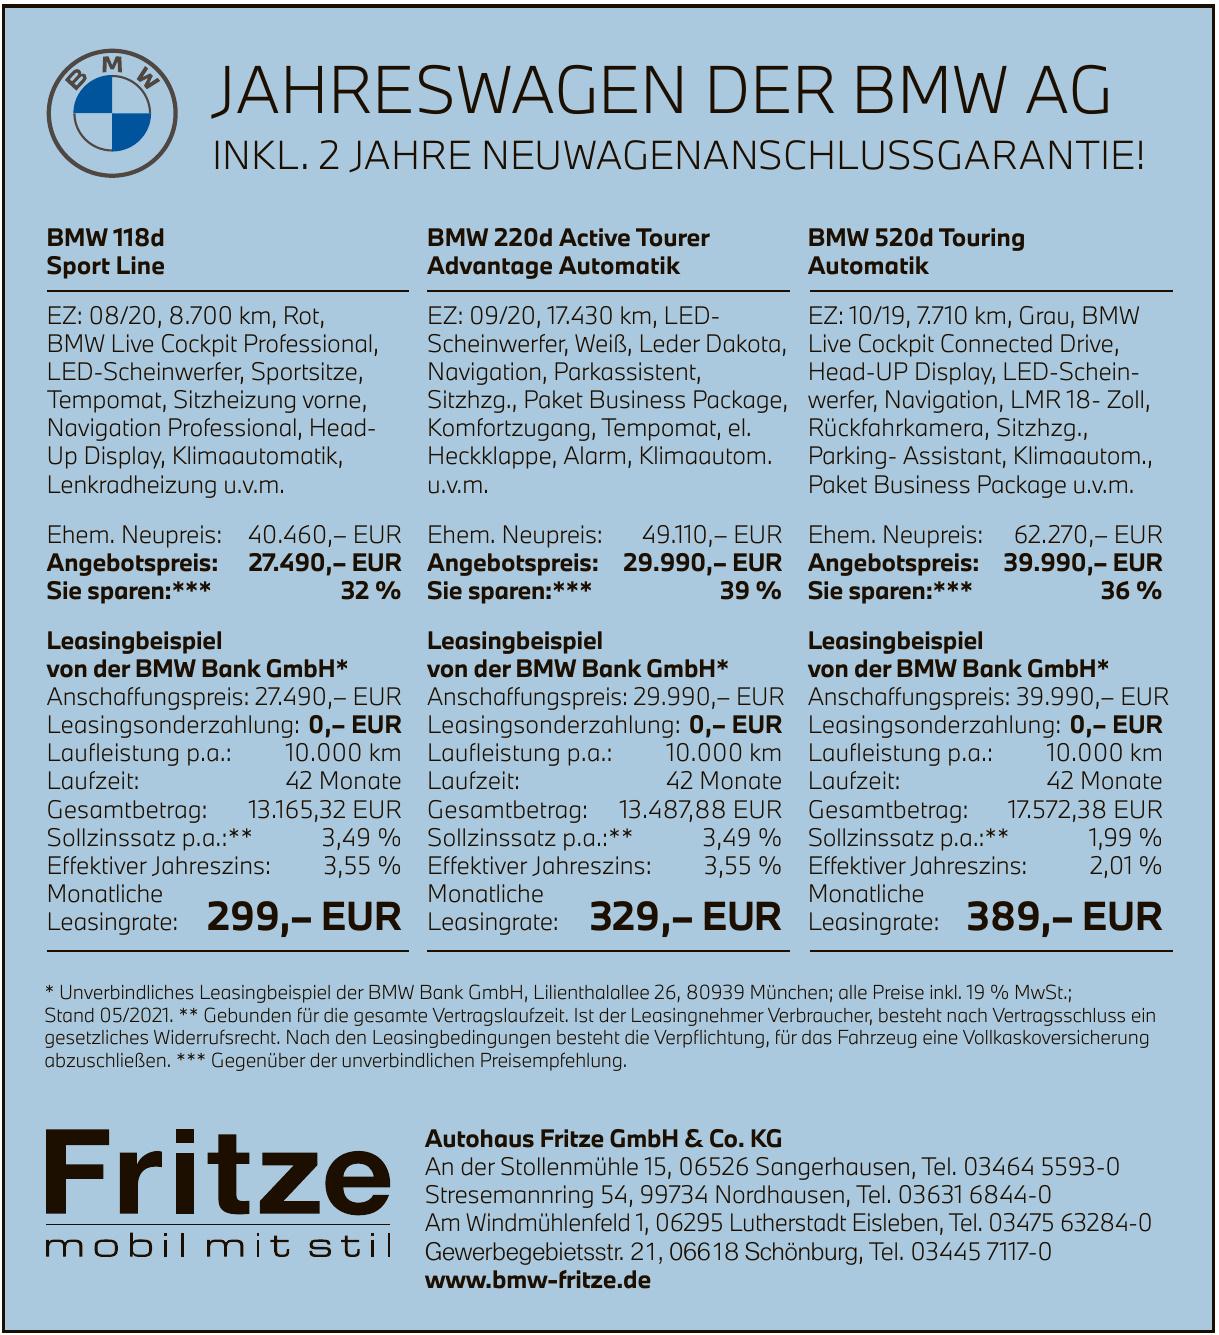 Autohaus Fritze GmbH & Co. KG